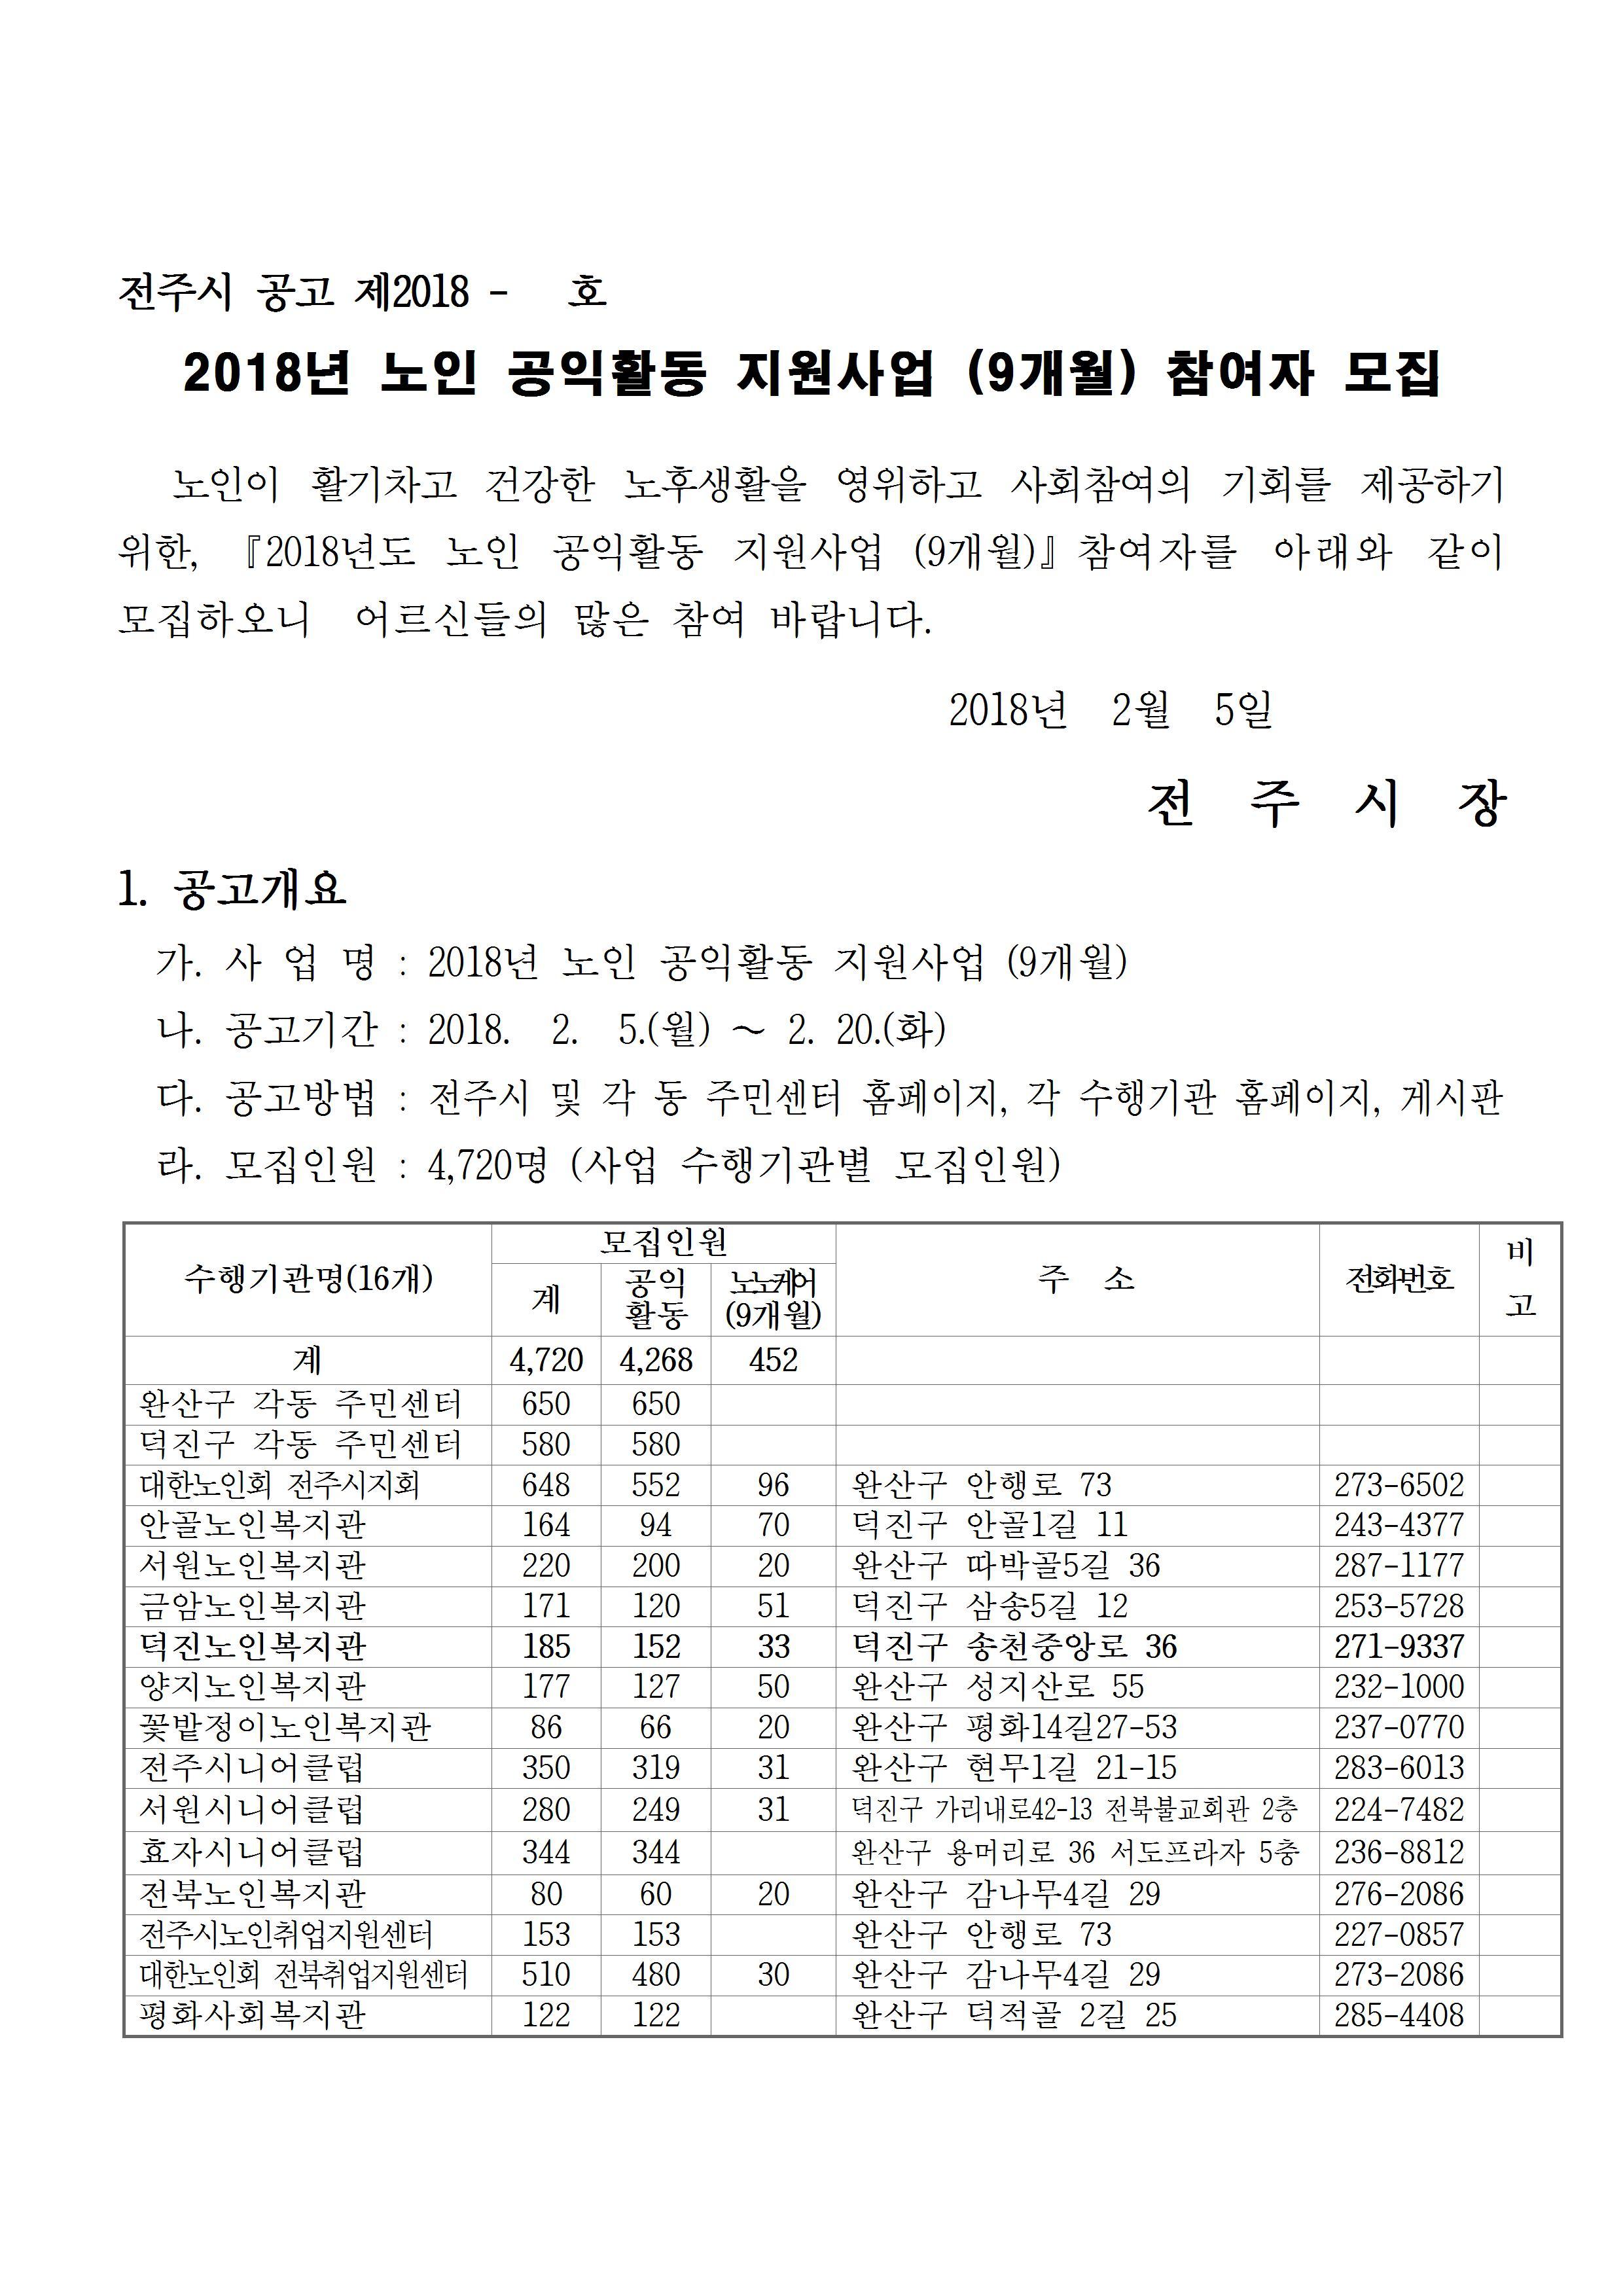 2018년 노인 공익활동(9개월)사업 참여자 모집 공고(안)001.jpg